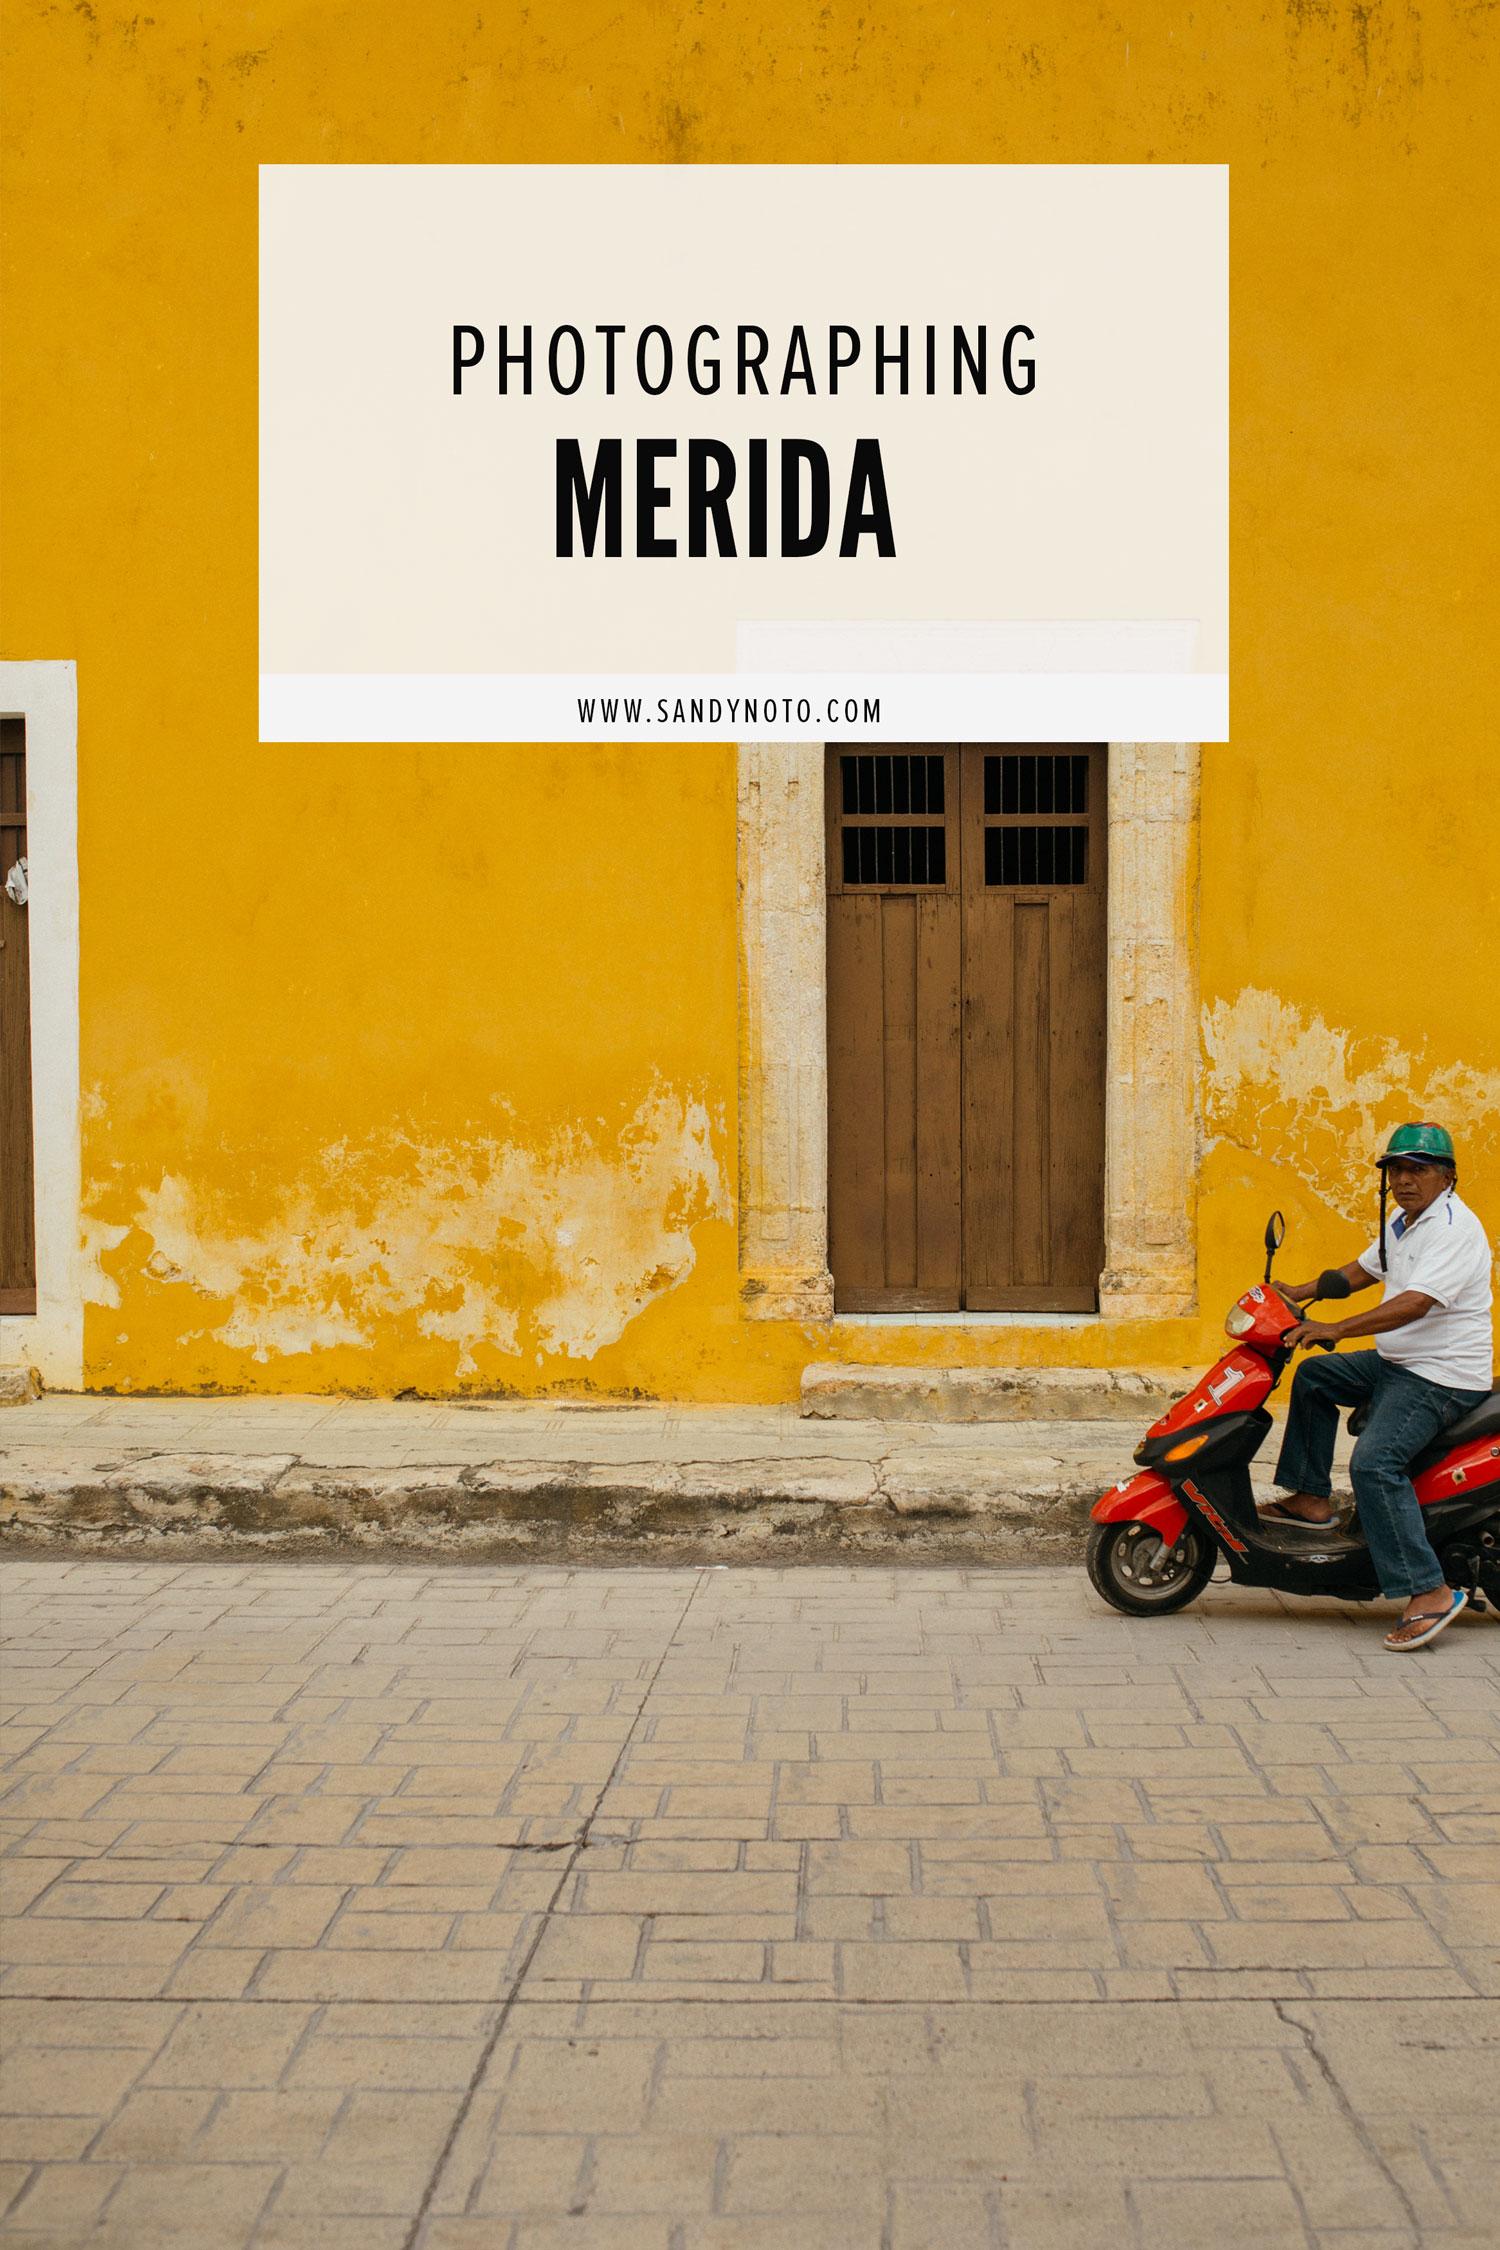 Photographing Merida, Mexico